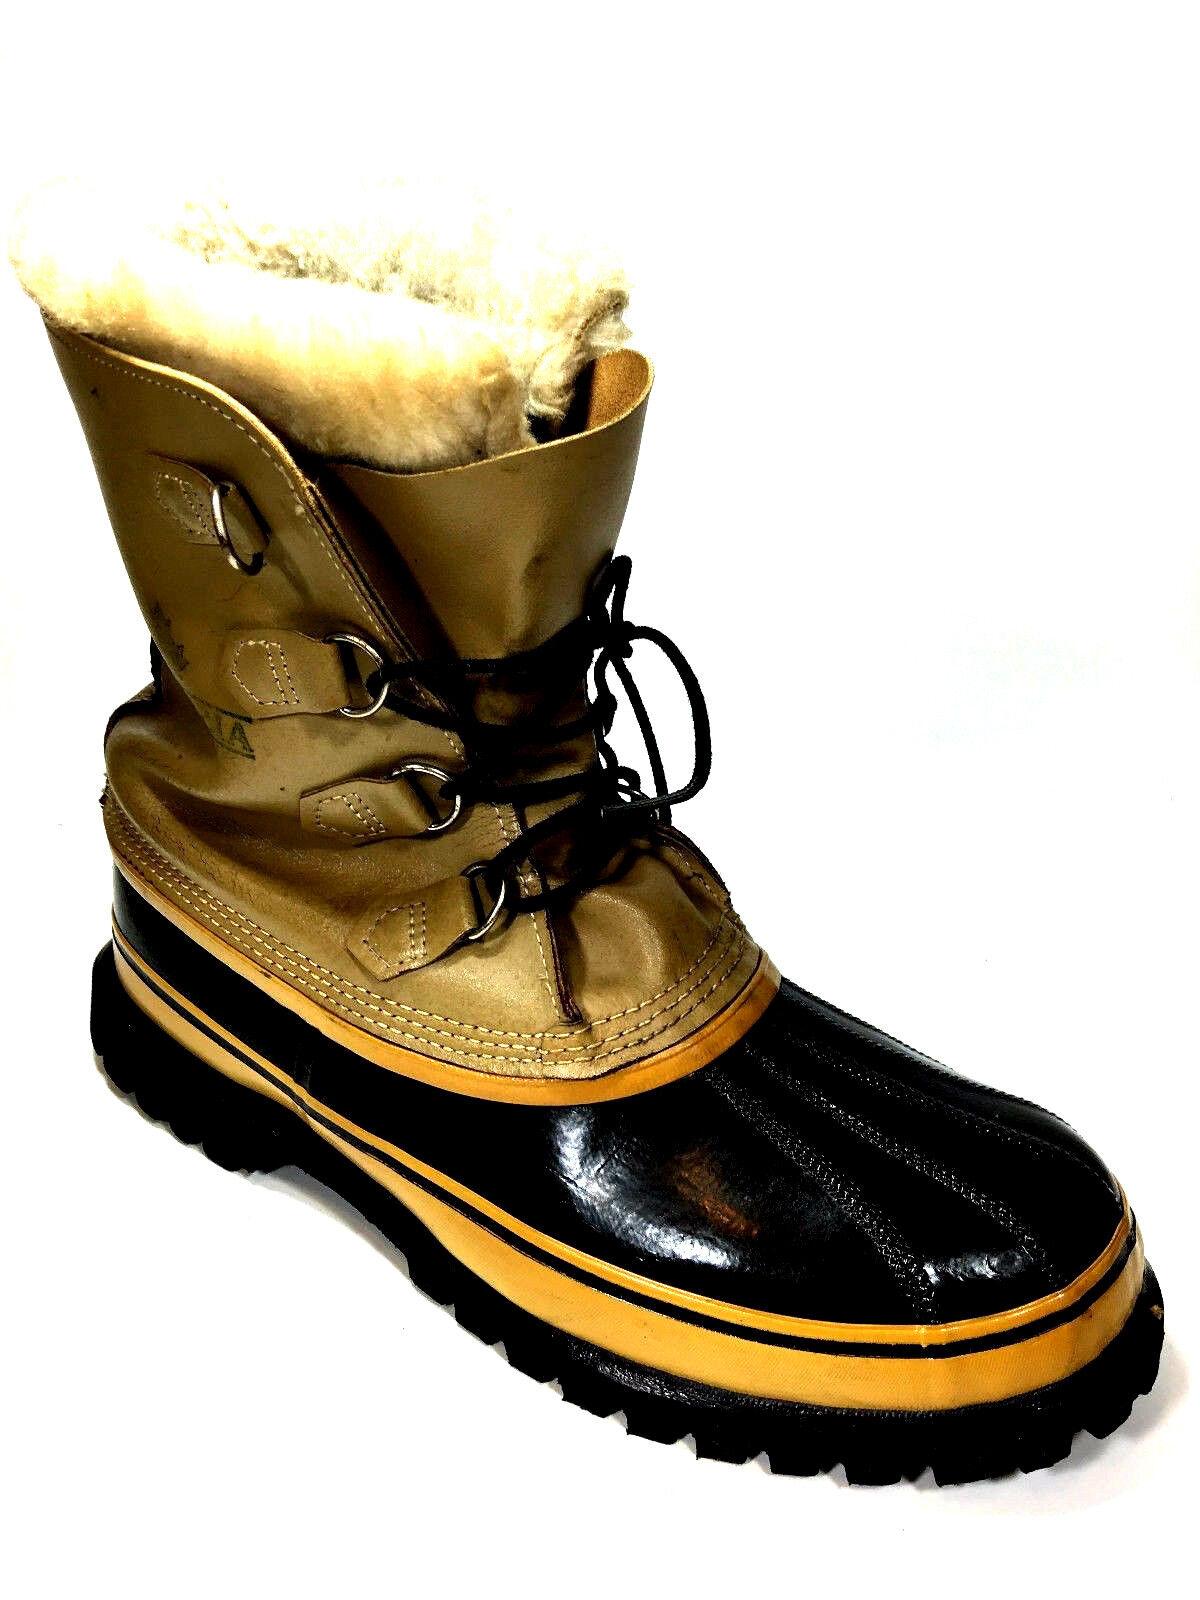 spedizione gratuita in tutto il mondo Vintage kaufman kaufman kaufman Caribou Wool Lined Winter stivali. Dimensione 12 US.  seleziona tra le nuove marche come